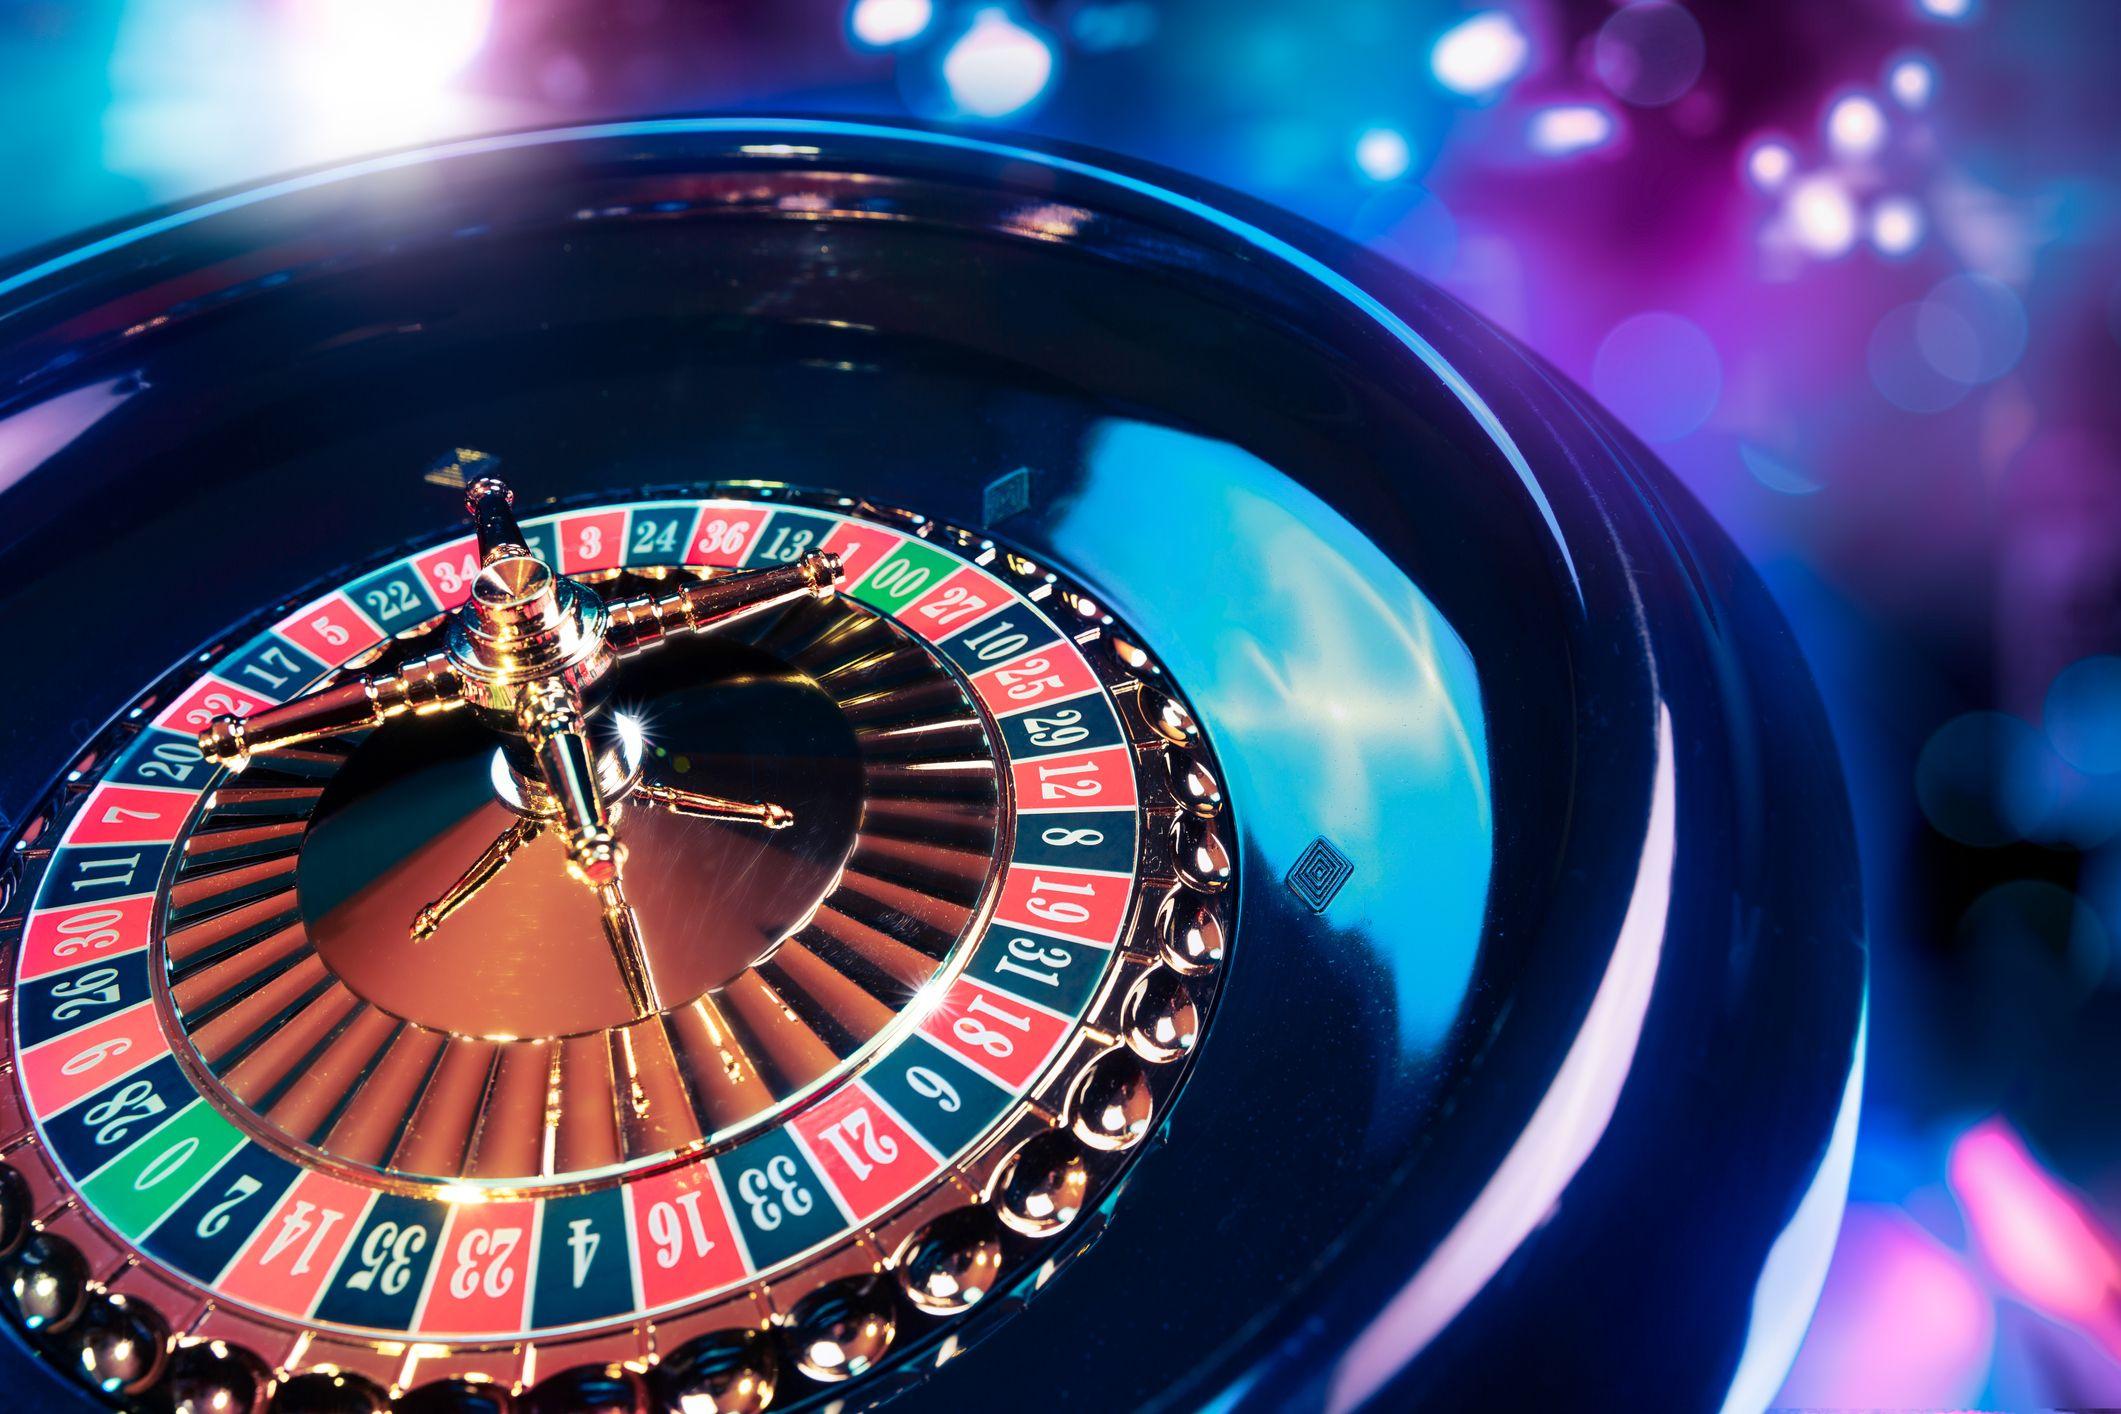 A casino roulette wheel.